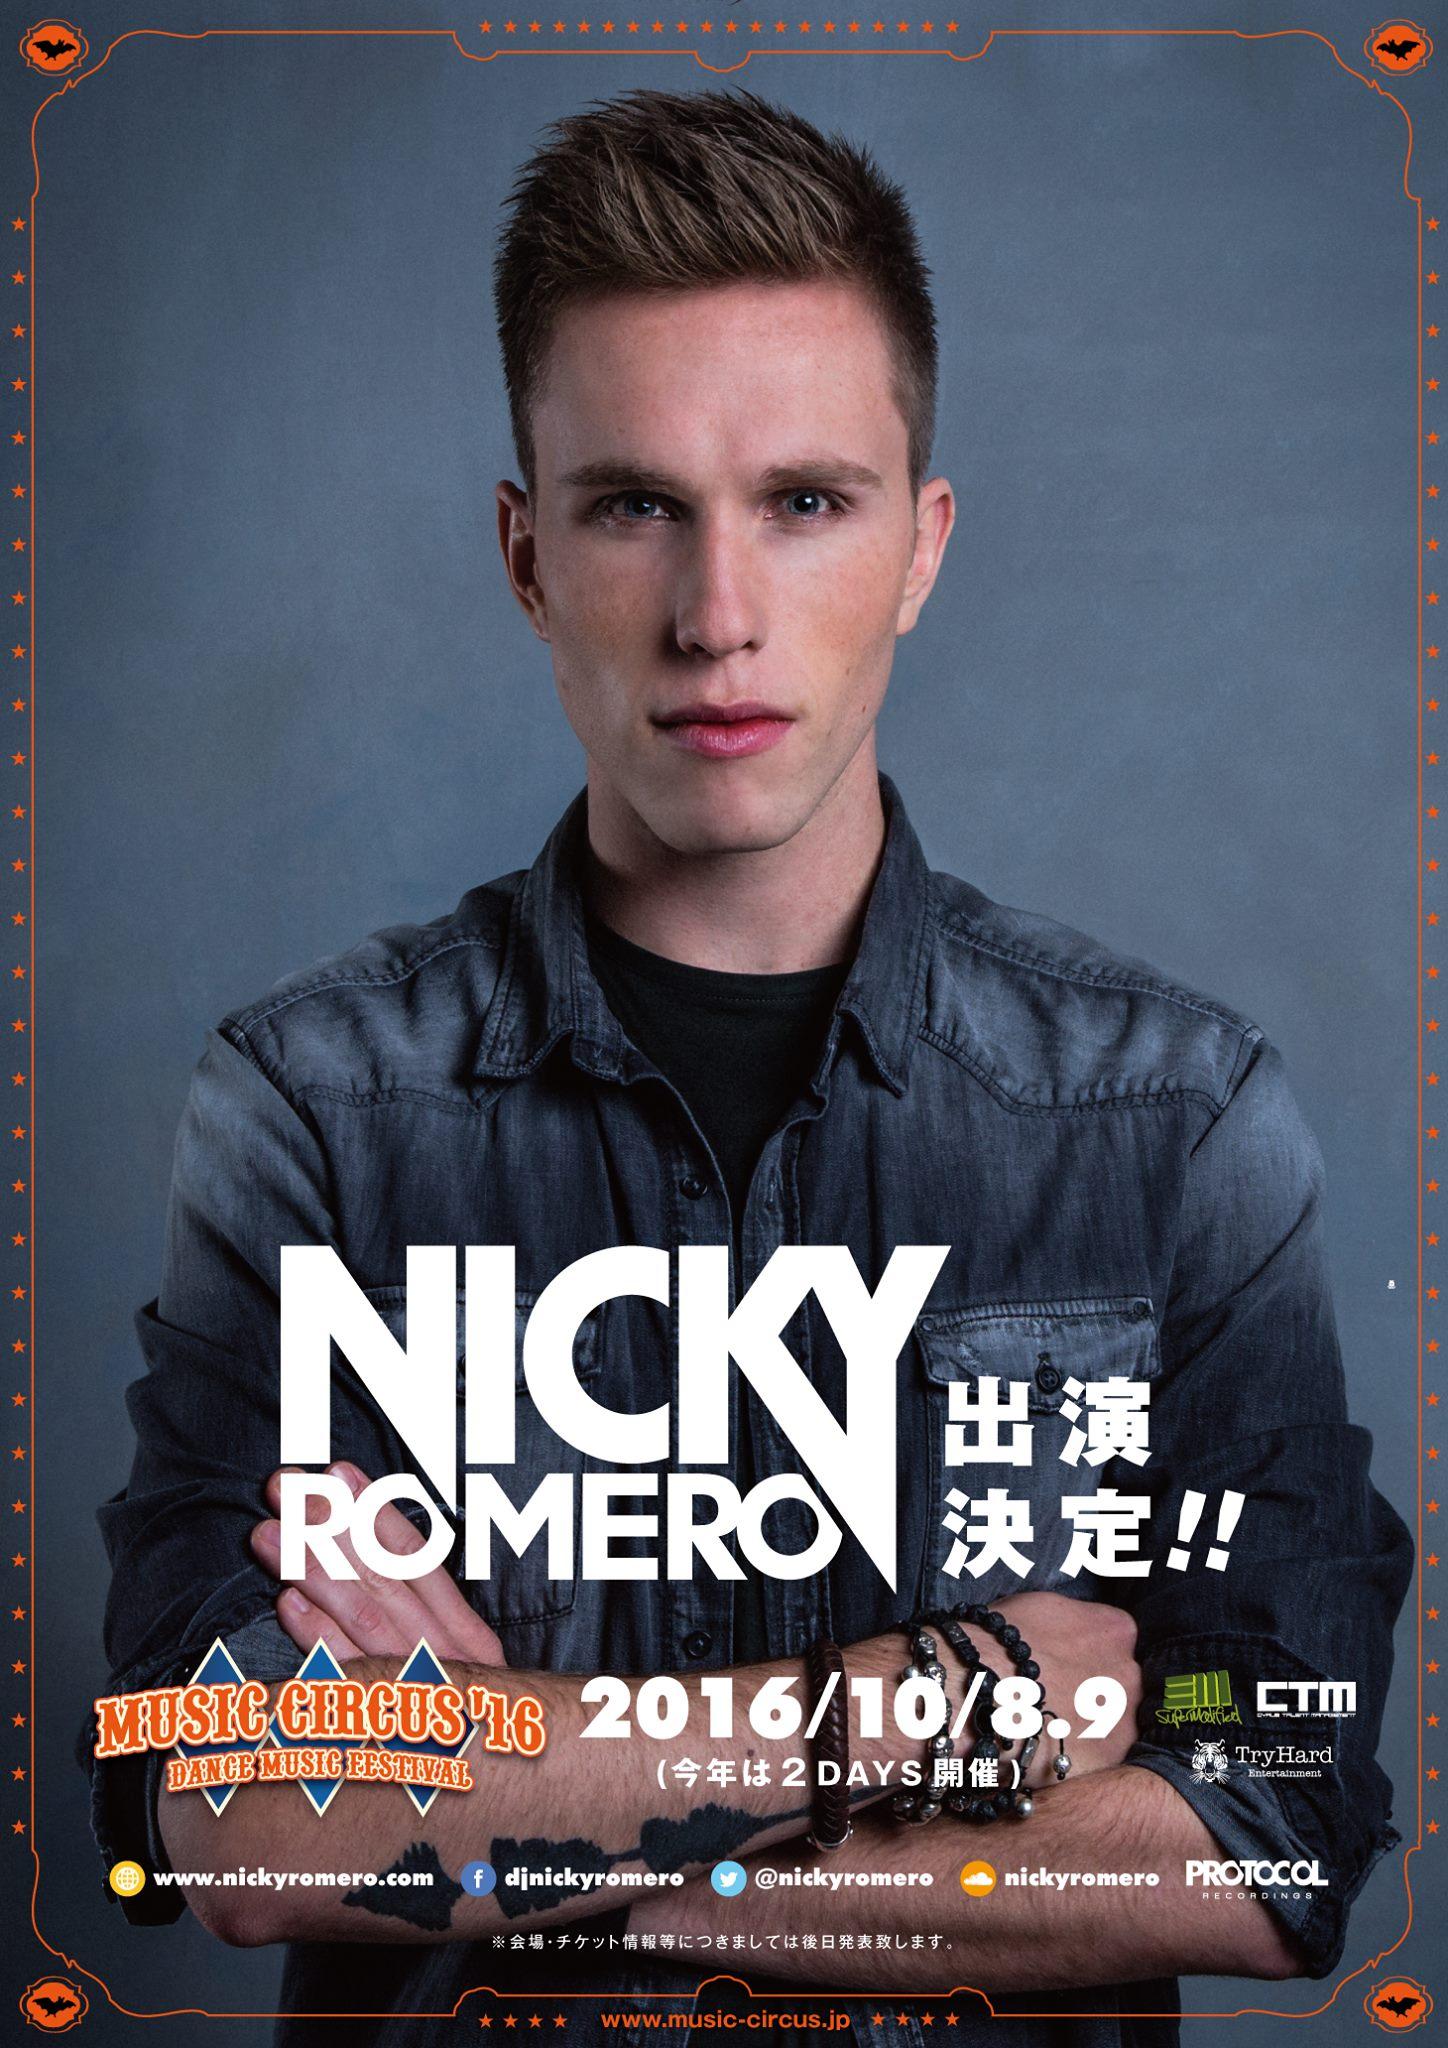 Nicky Romero Musiccircus 2016